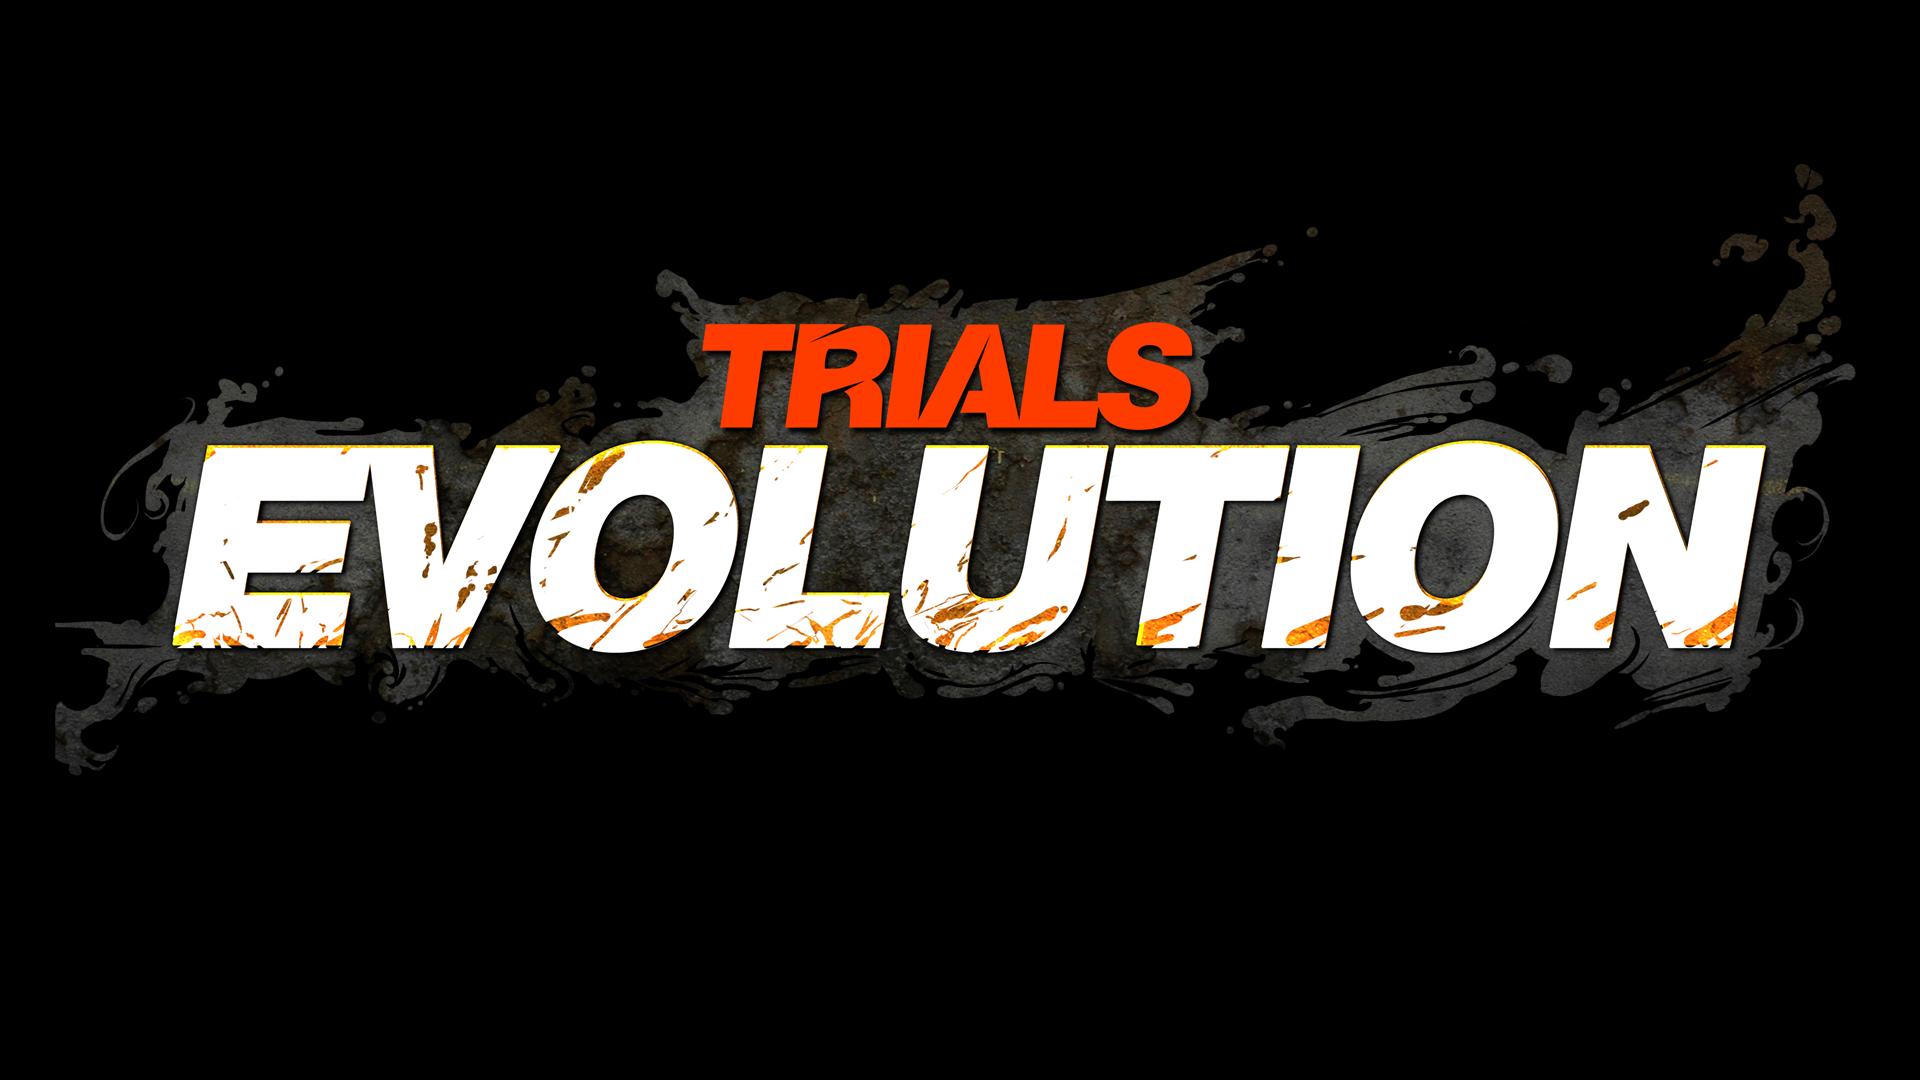 Trials Evolution [Warranty 5 years] + Gift 2019